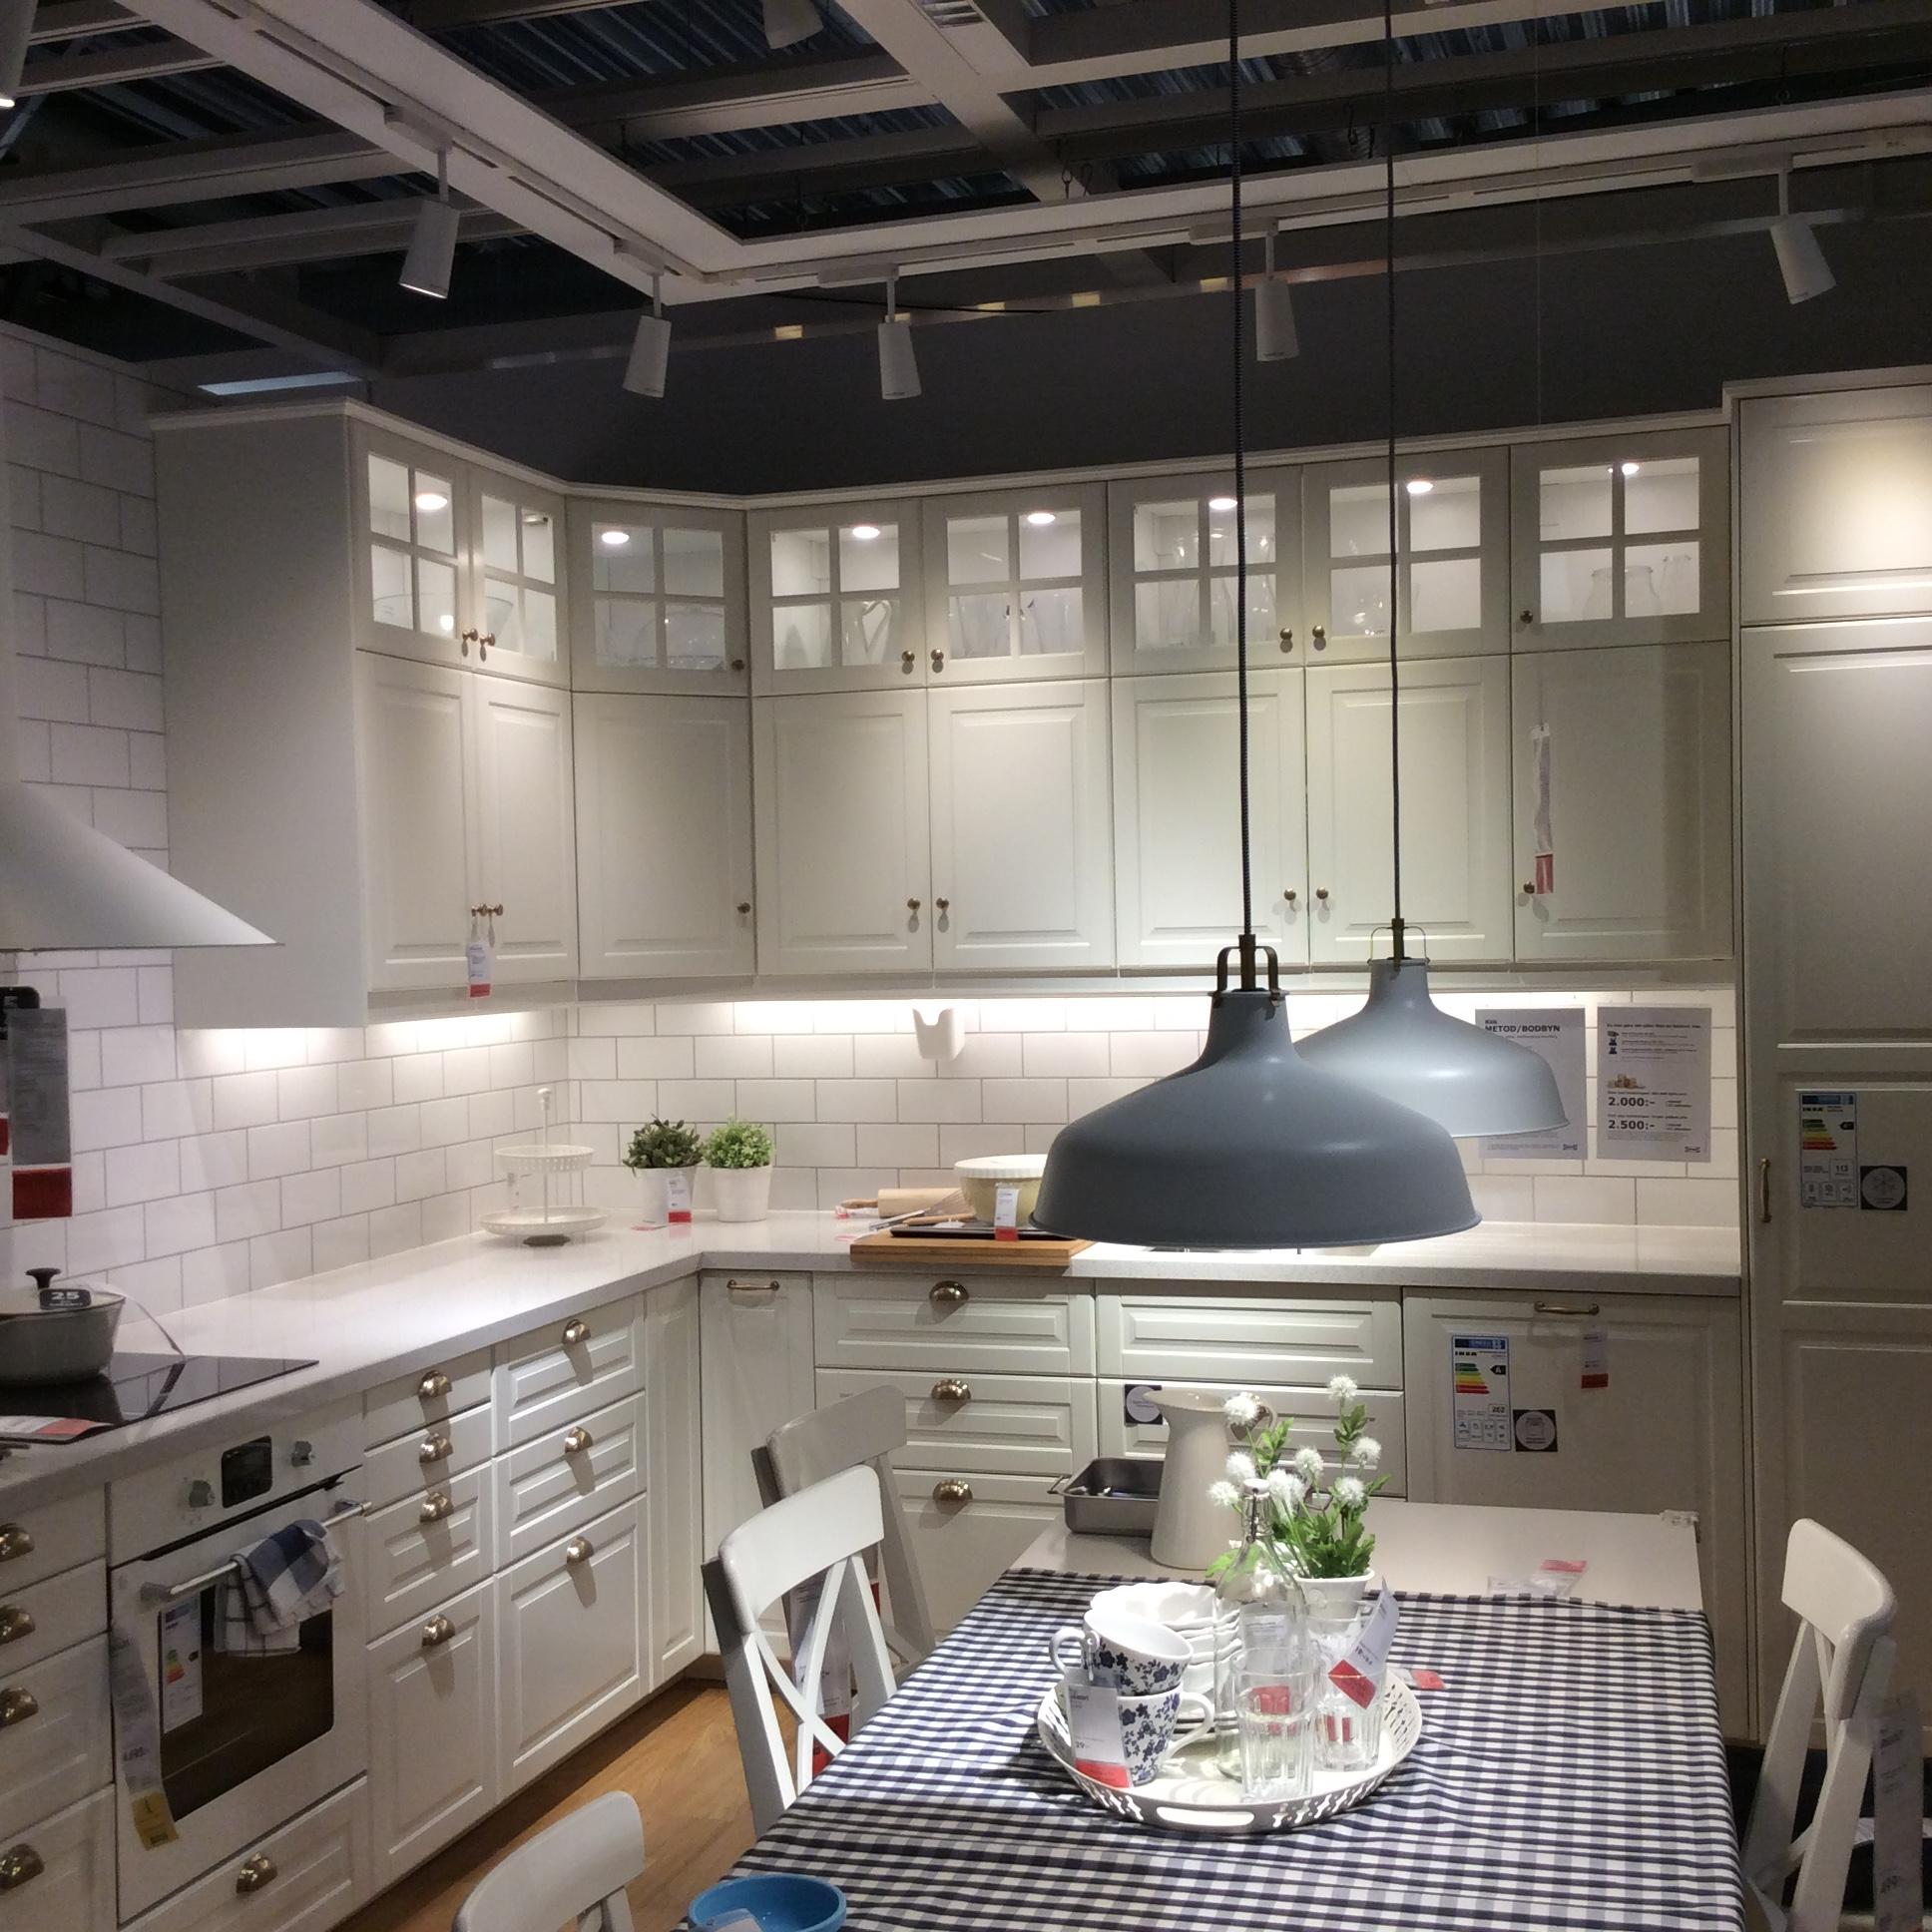 Кухня «икеа»: советы покупателю + подборка готовых интерьеров